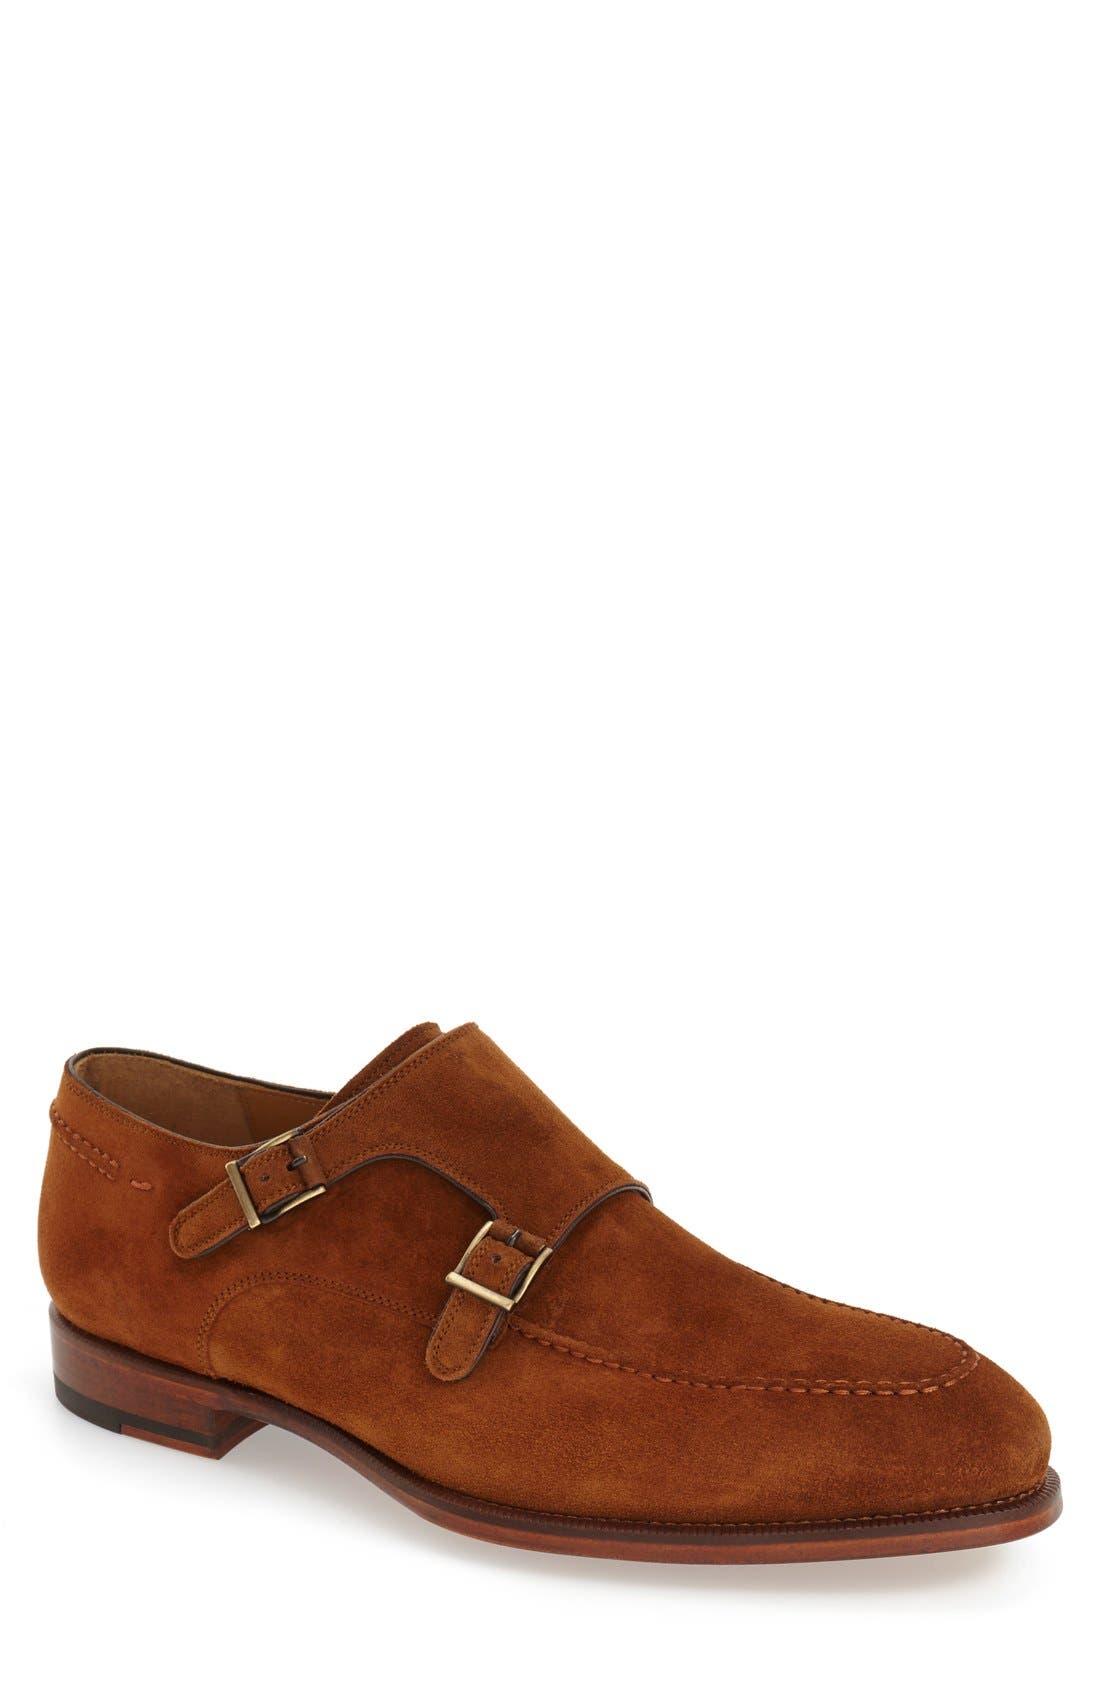 'Tomas' Double Monk Strap Shoe,                             Main thumbnail 1, color,                             219